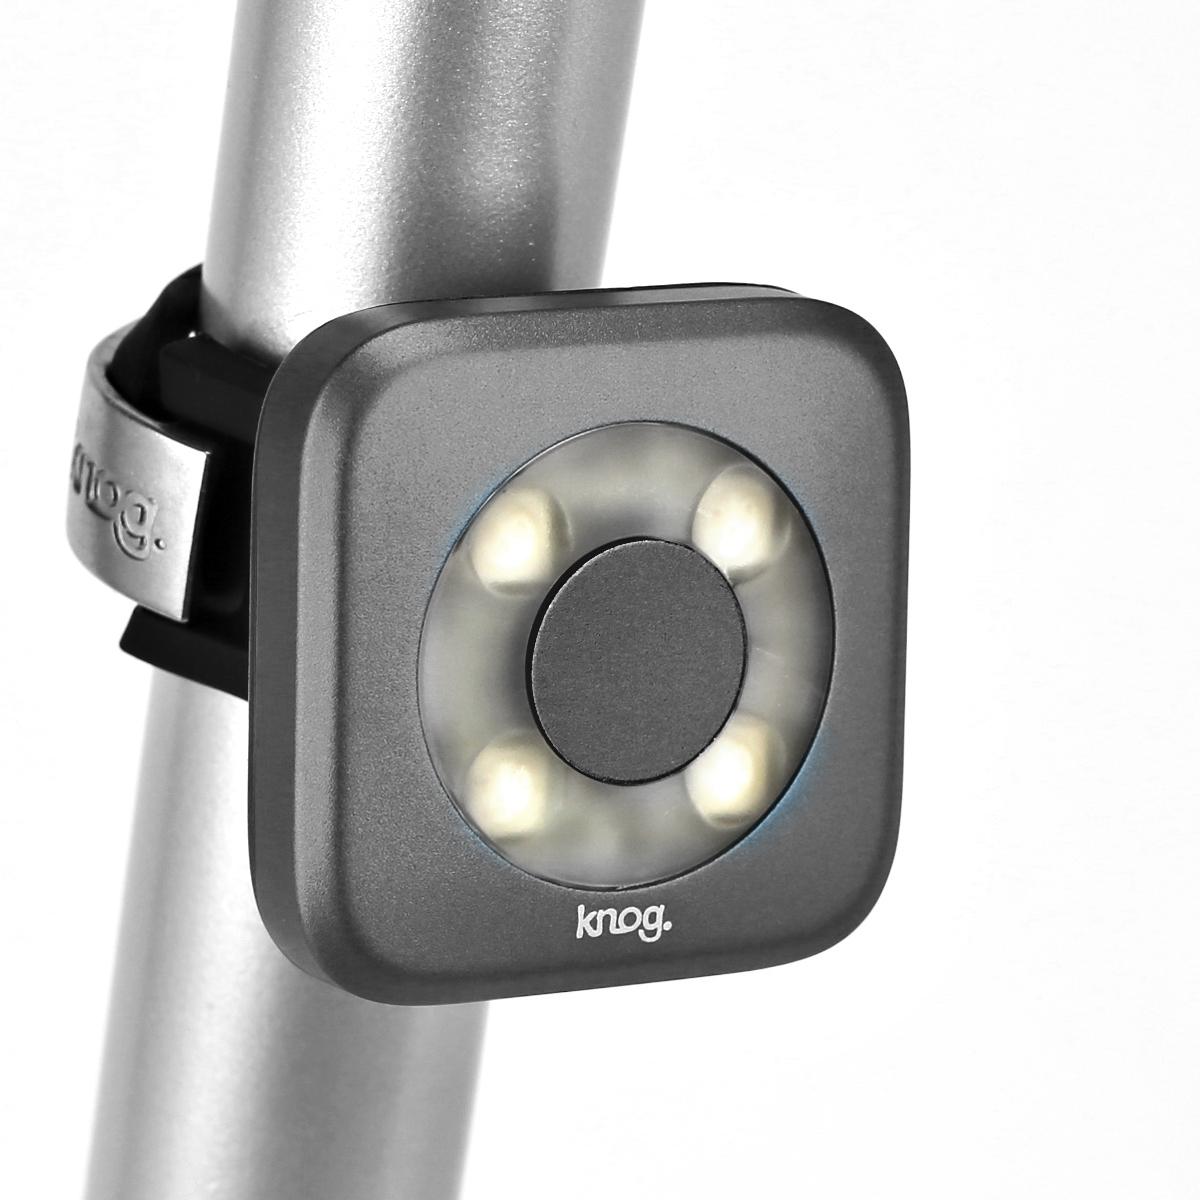 Éclairage avant Knog Blinder Cercle 4 LED - Bleu